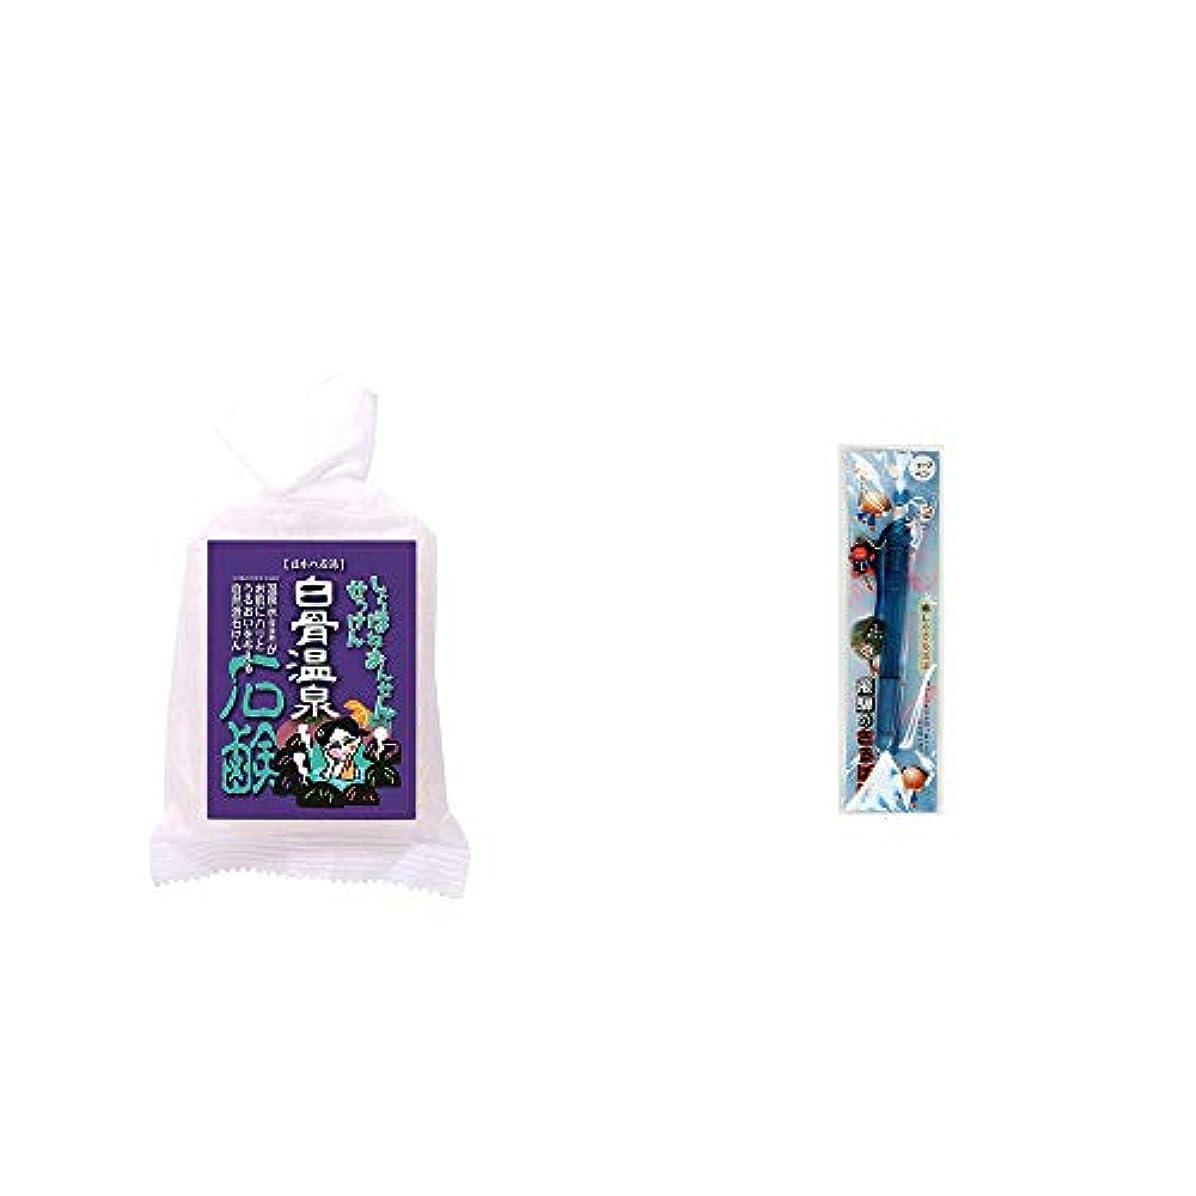 ヒロイン円周犠牲[2点セット] 信州 白骨温泉石鹸(80g)?さるぼぼ 癒しシャープペン 【ブルー】